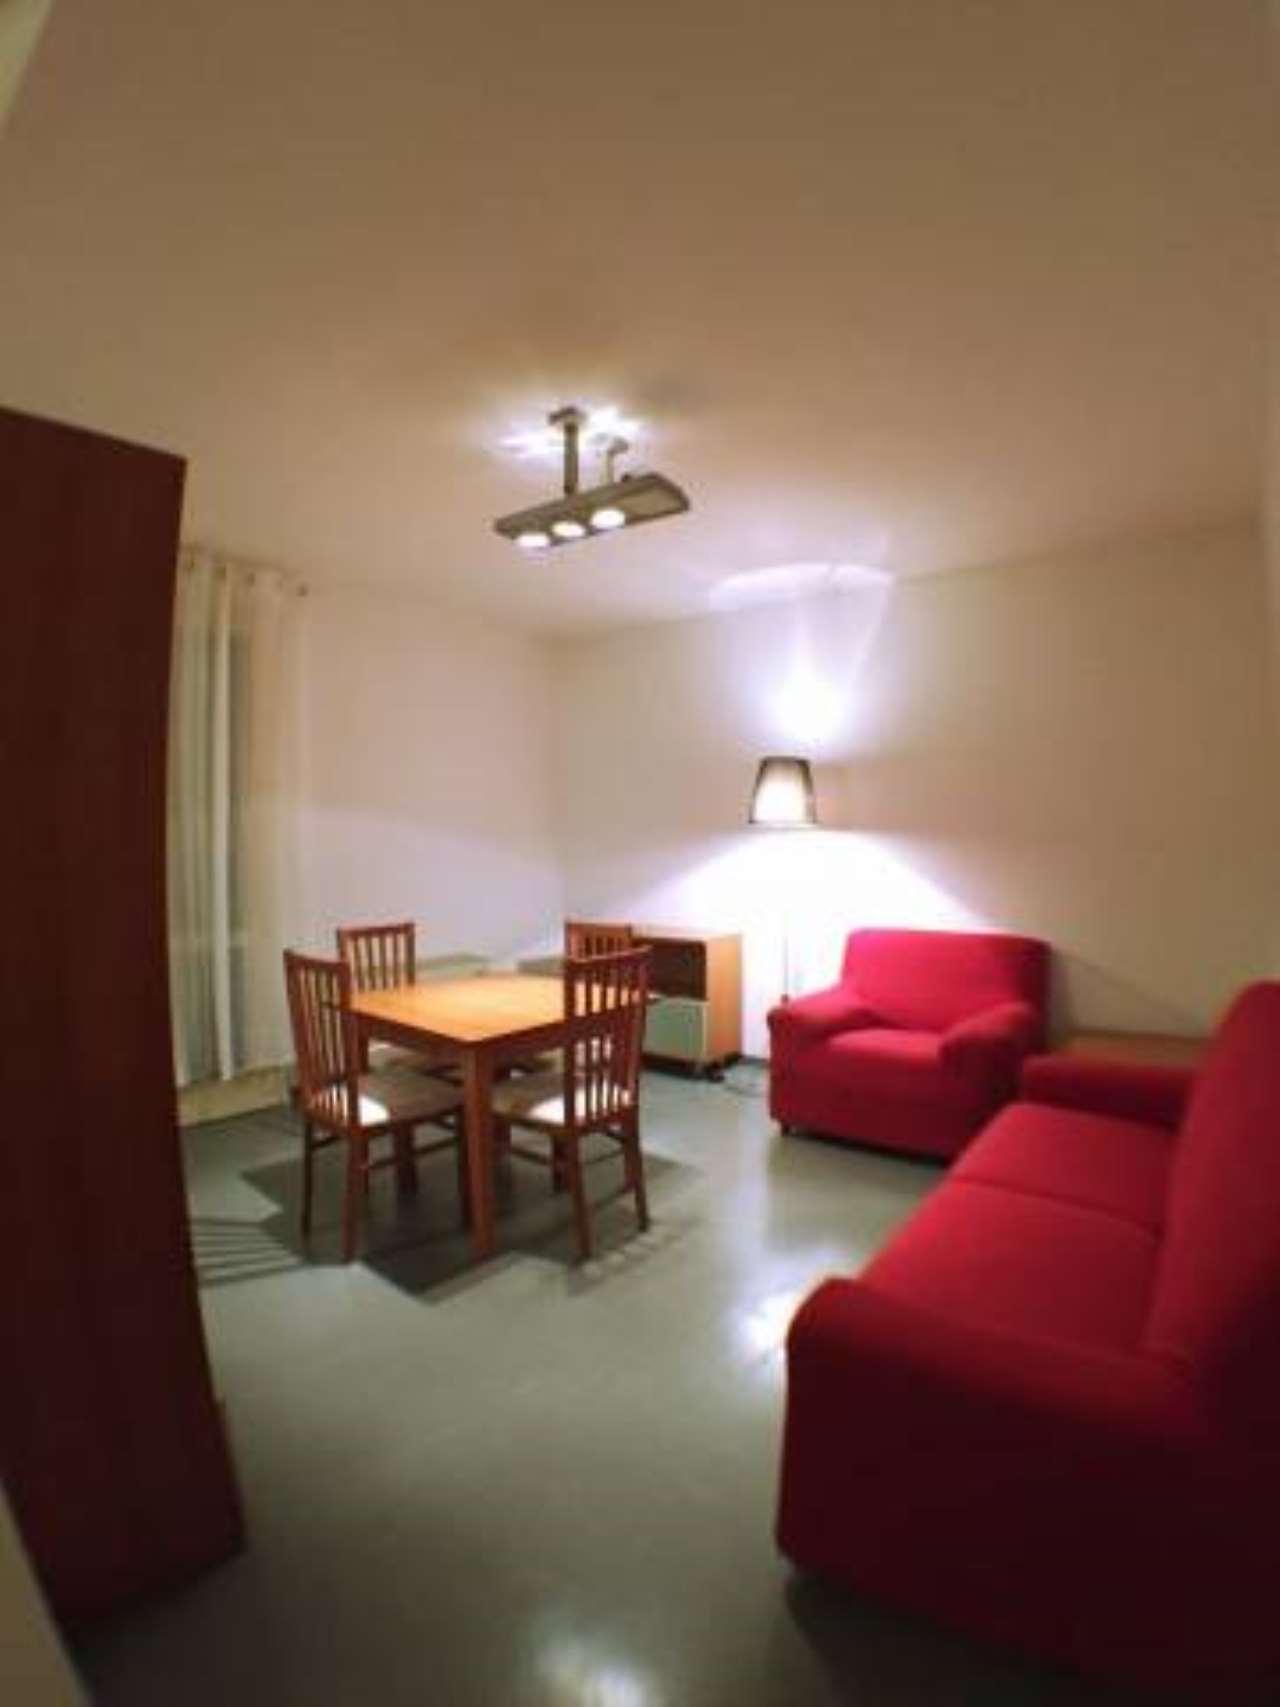 Appartamento in affitto a Carpi, 2 locali, prezzo € 600 | CambioCasa.it